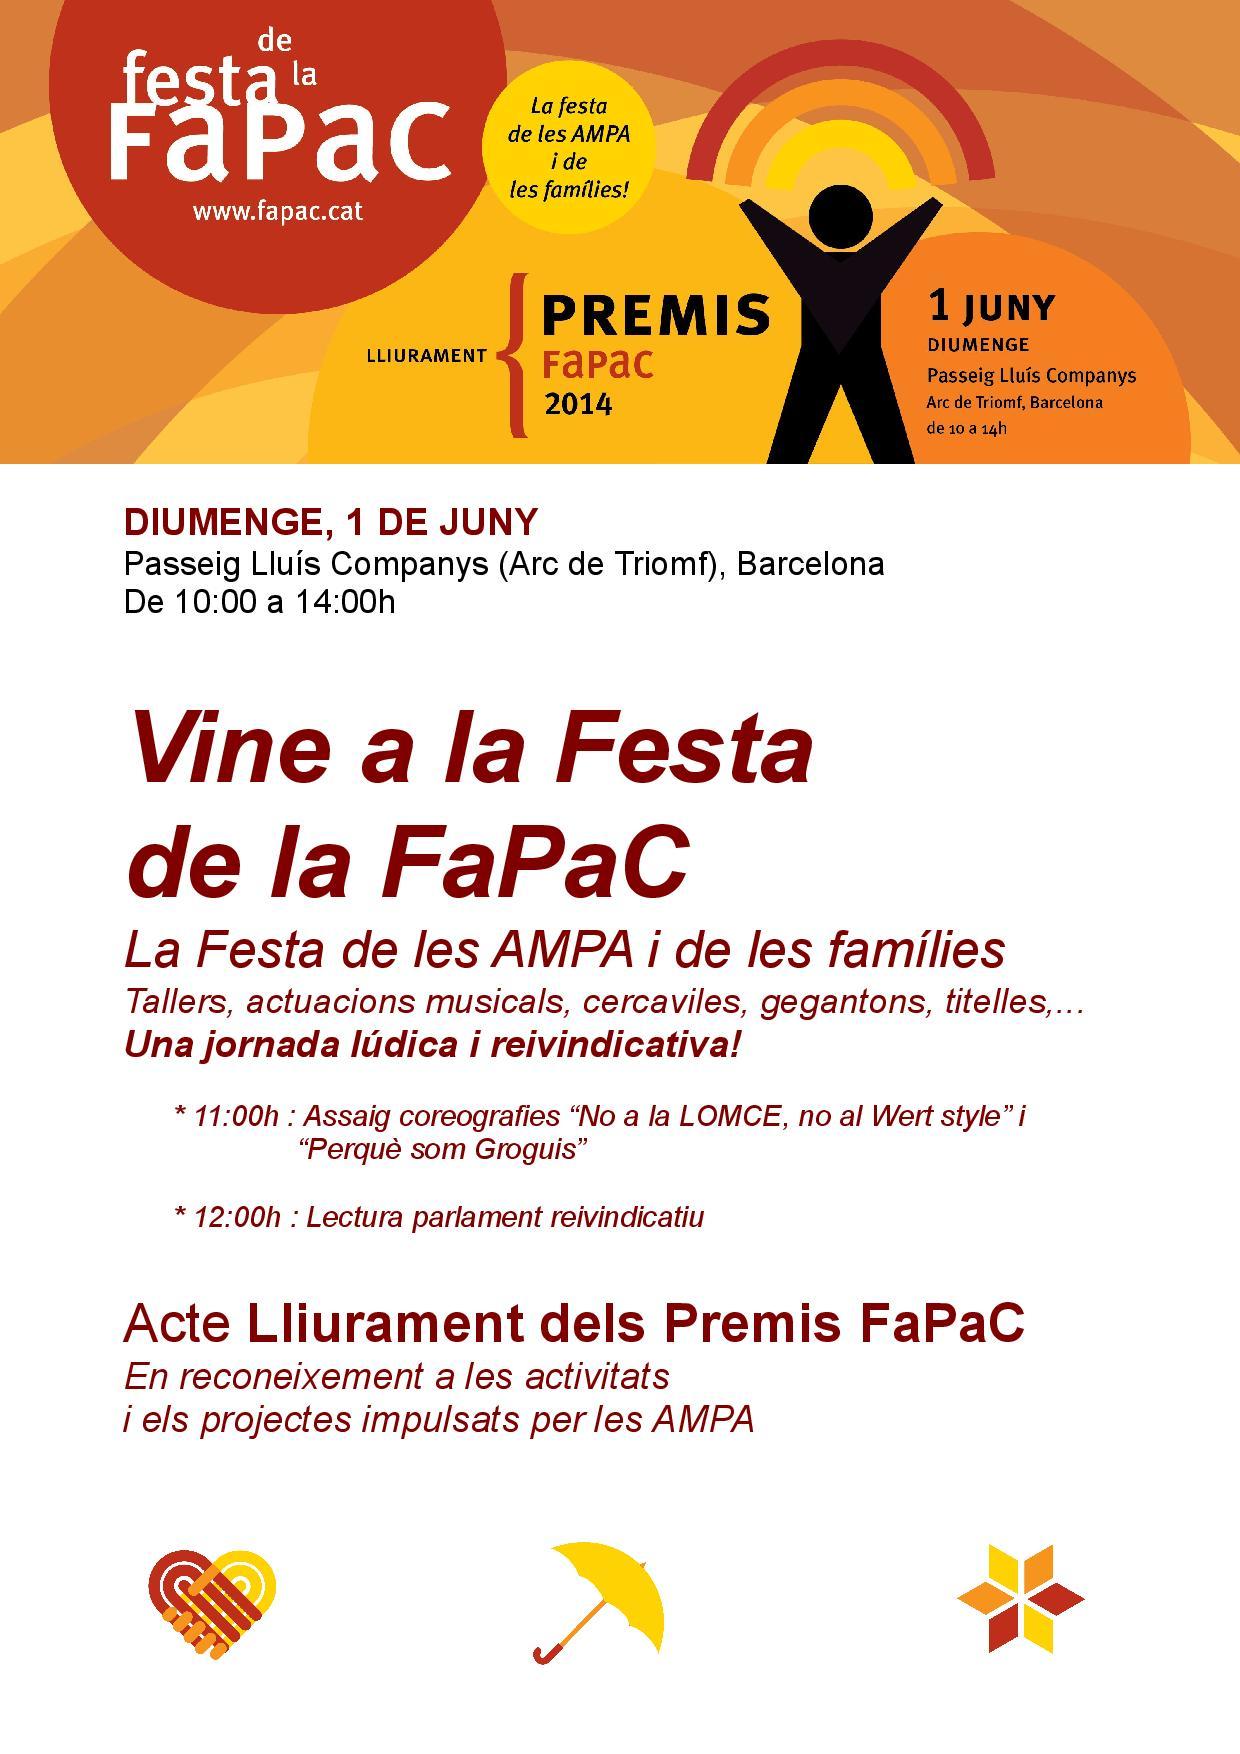 cartell_festa_fapac_1_juny-page-001